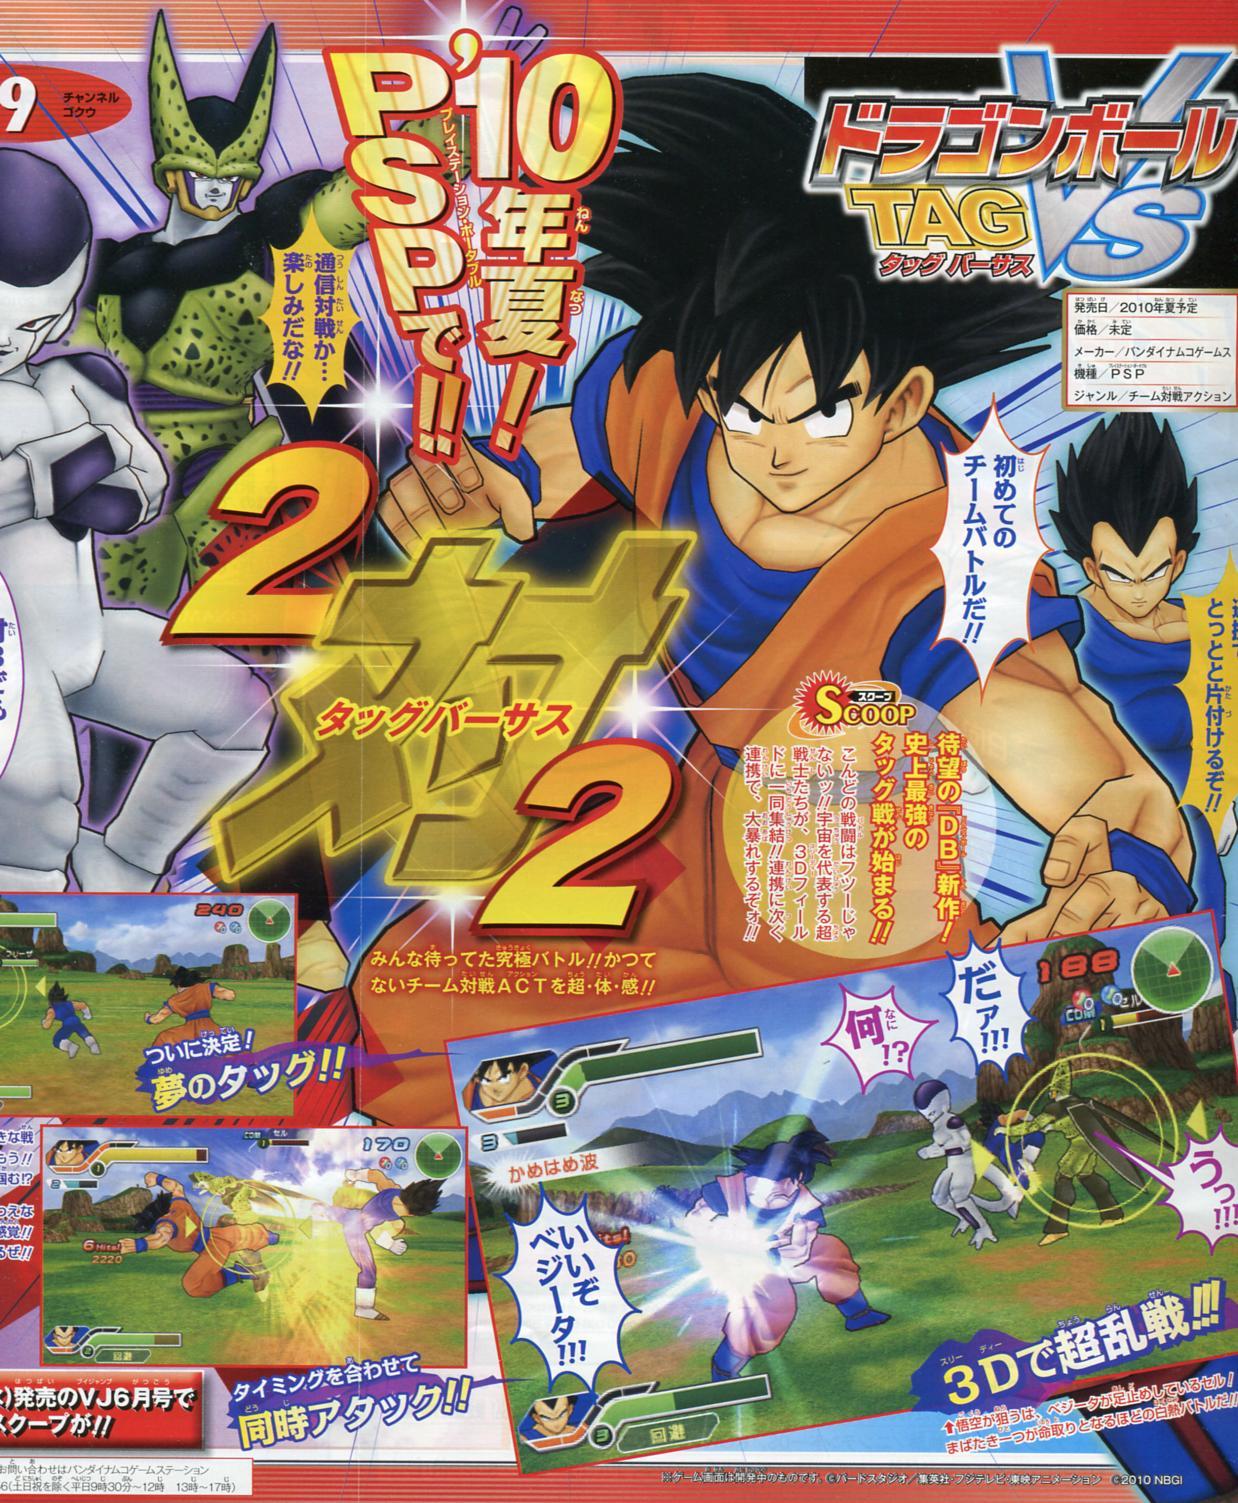 Dragon Ball Tag VS (PSP) Dgb